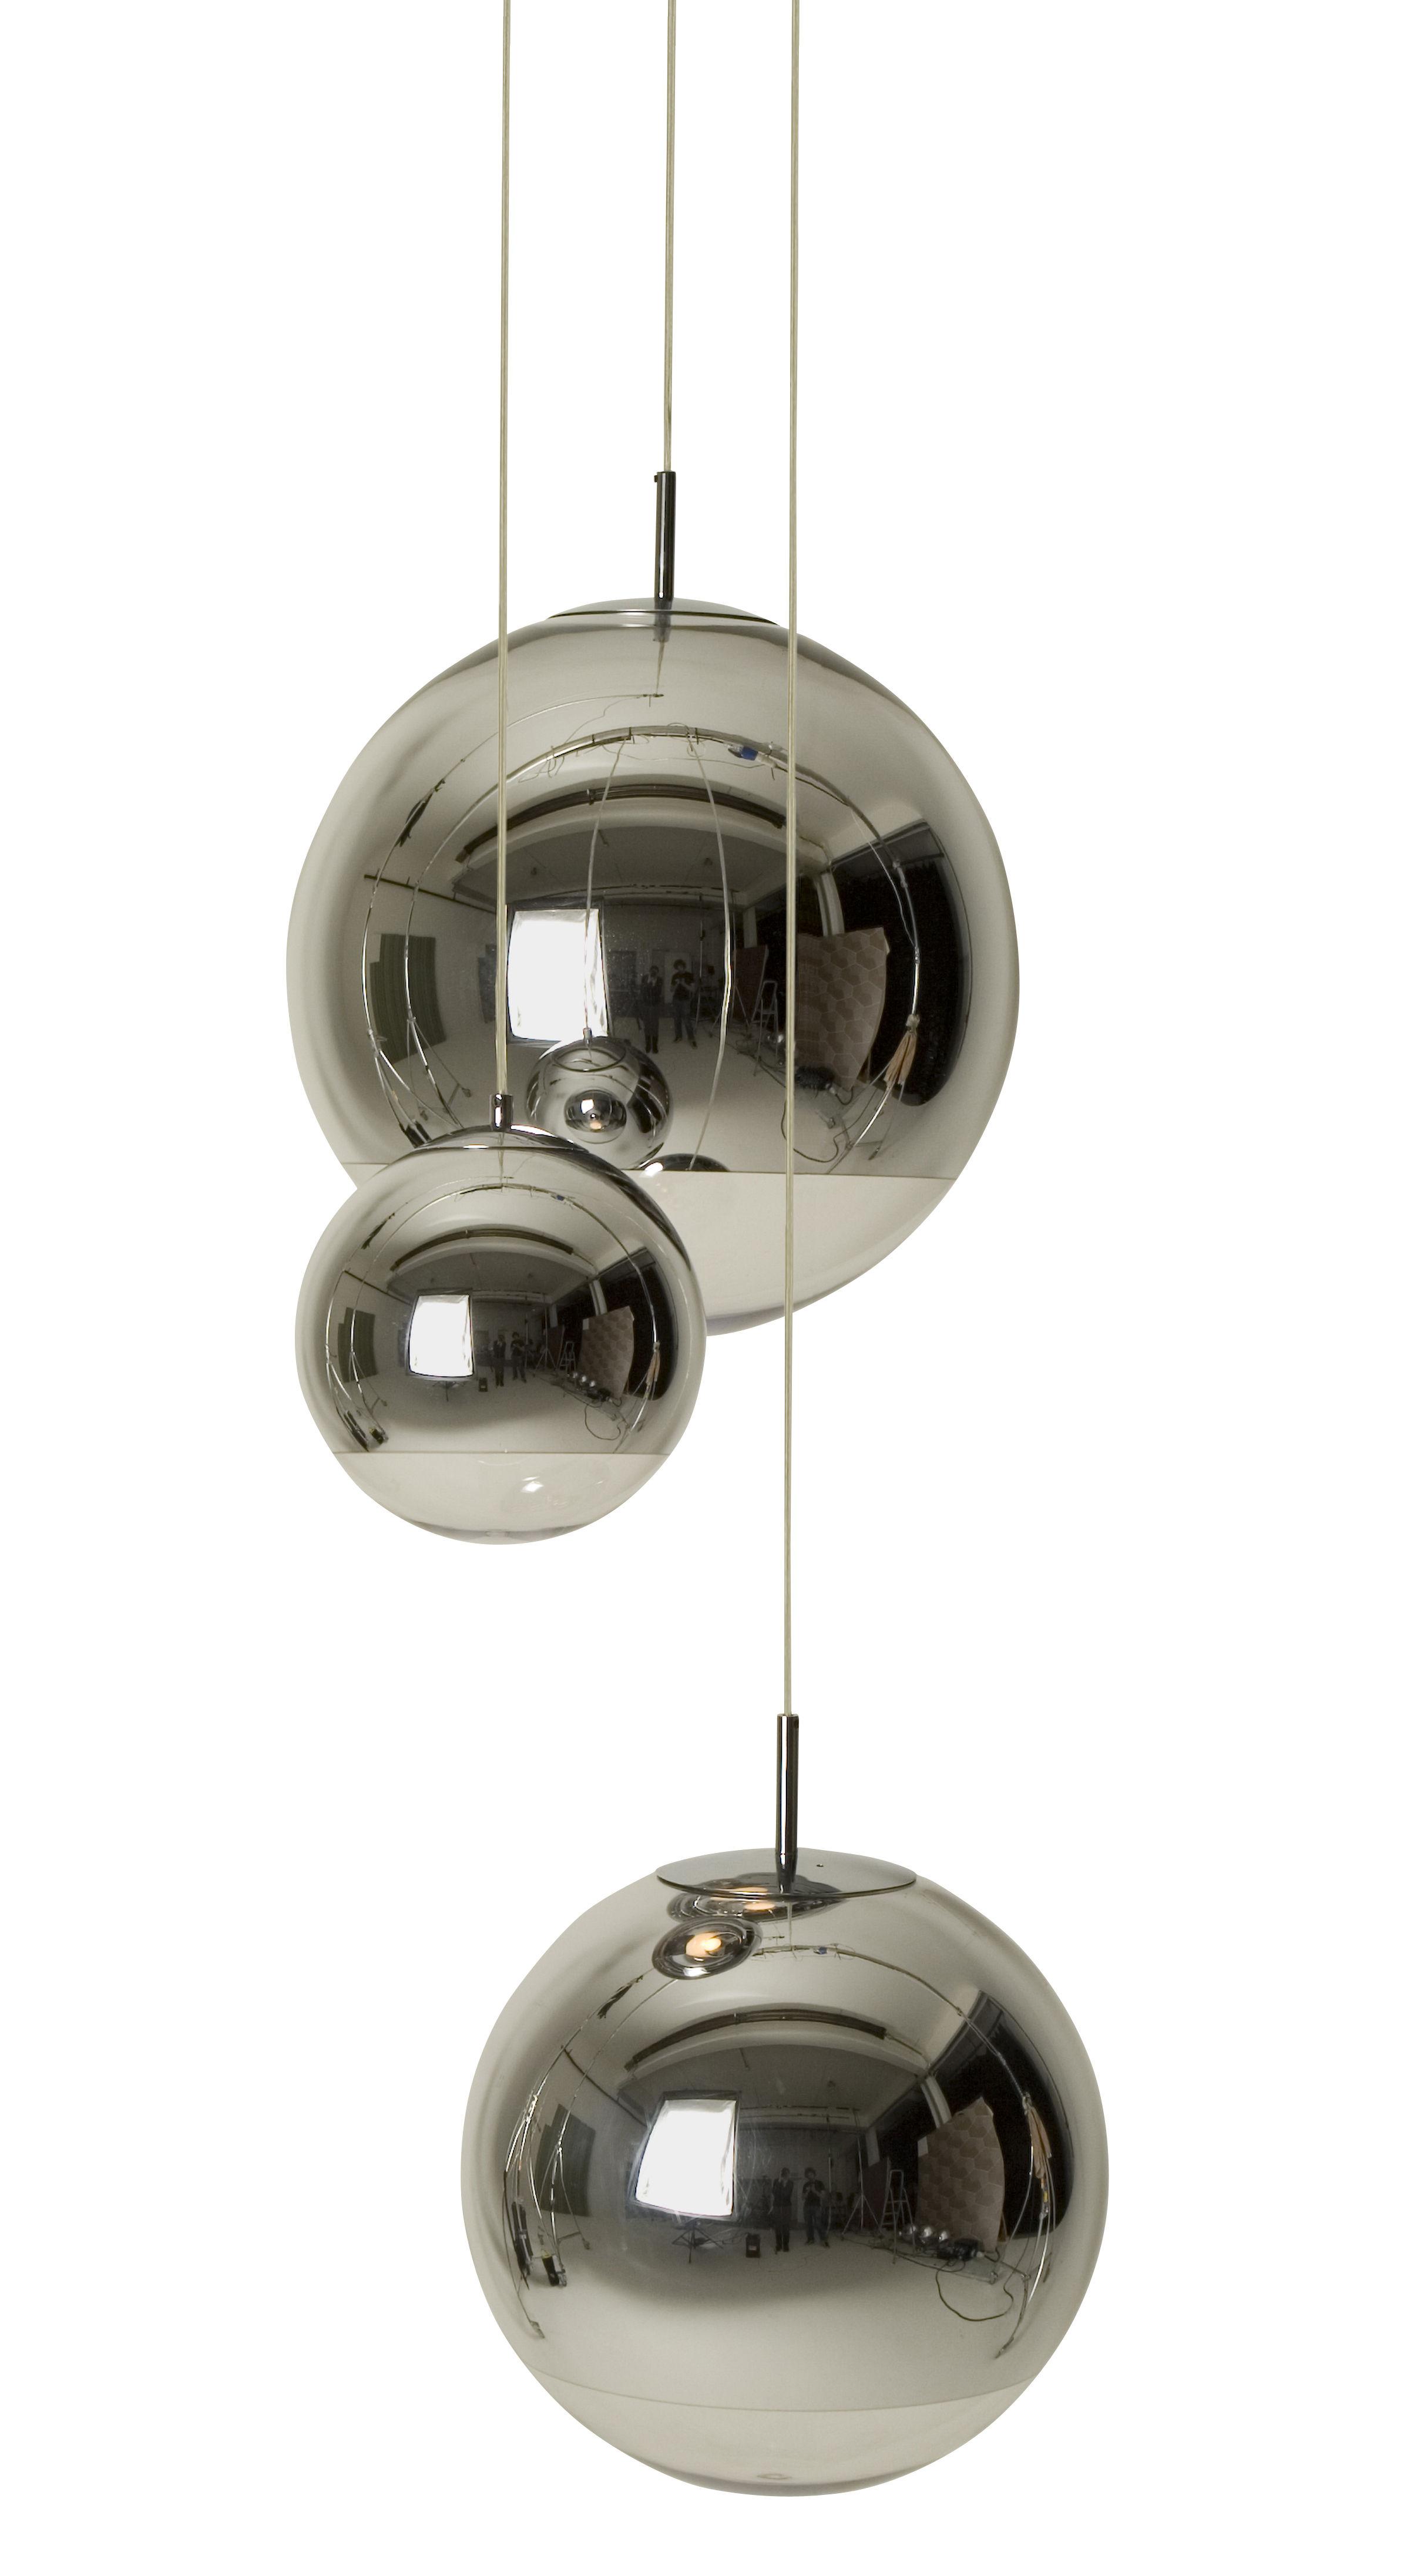 Leuchten - Pendelleuchten - Mirror Ball Large Pendelleuchte - Tom Dixon - Pendelleuchte Ø 50 cm - Methacrylate